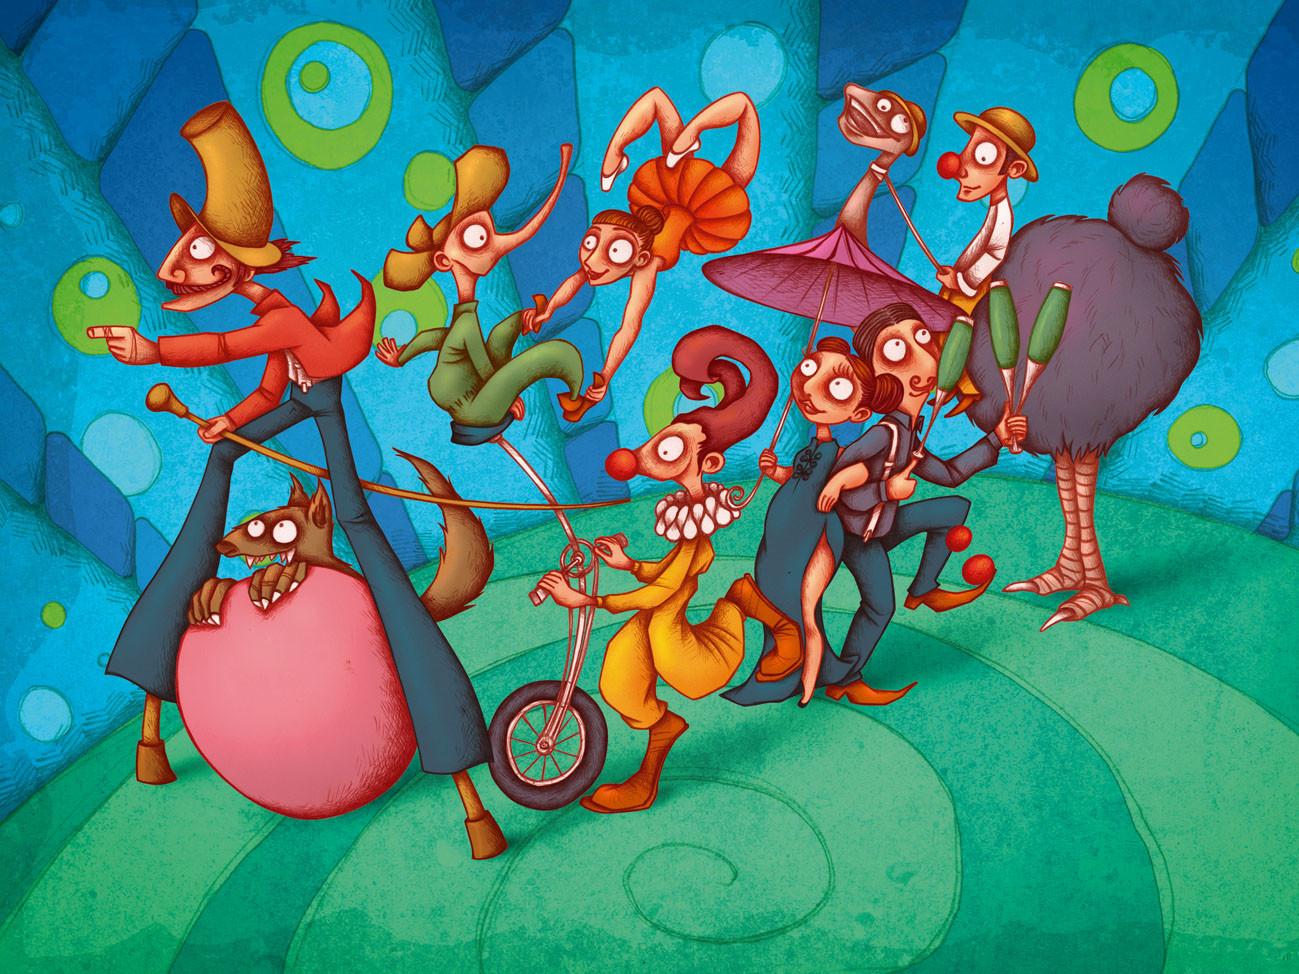 Autogiro illustration studio circus